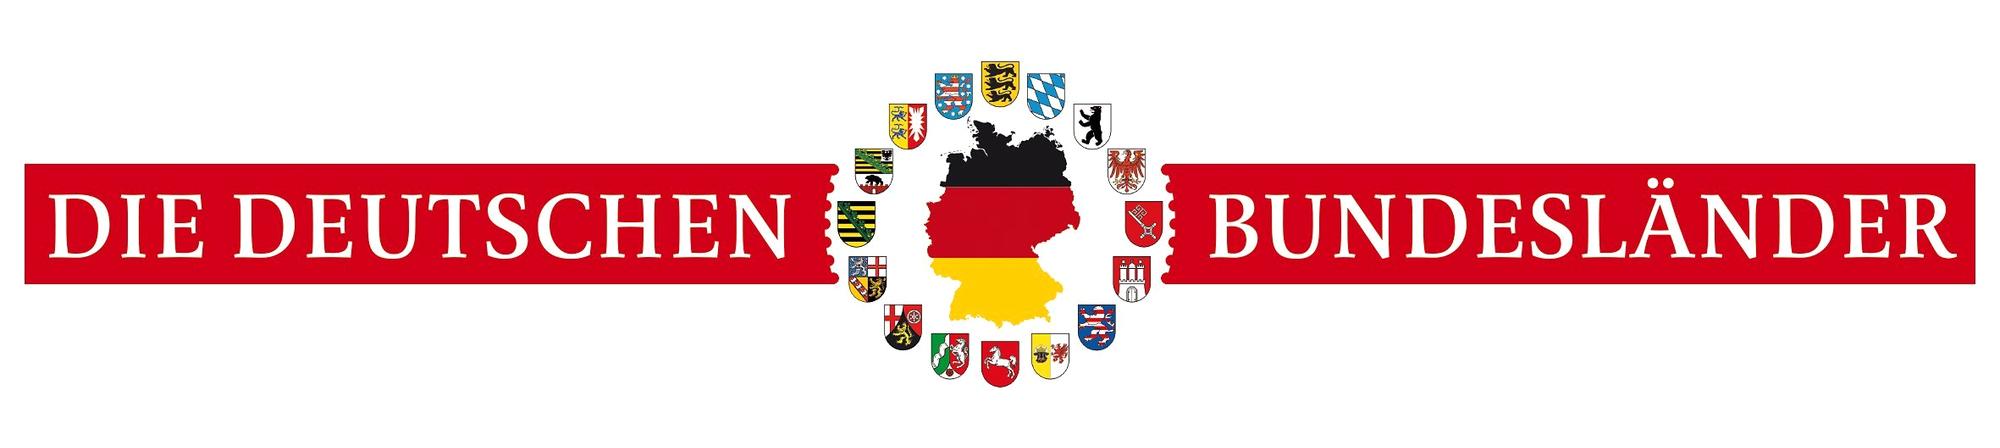 Die Deutschen Bundesländer